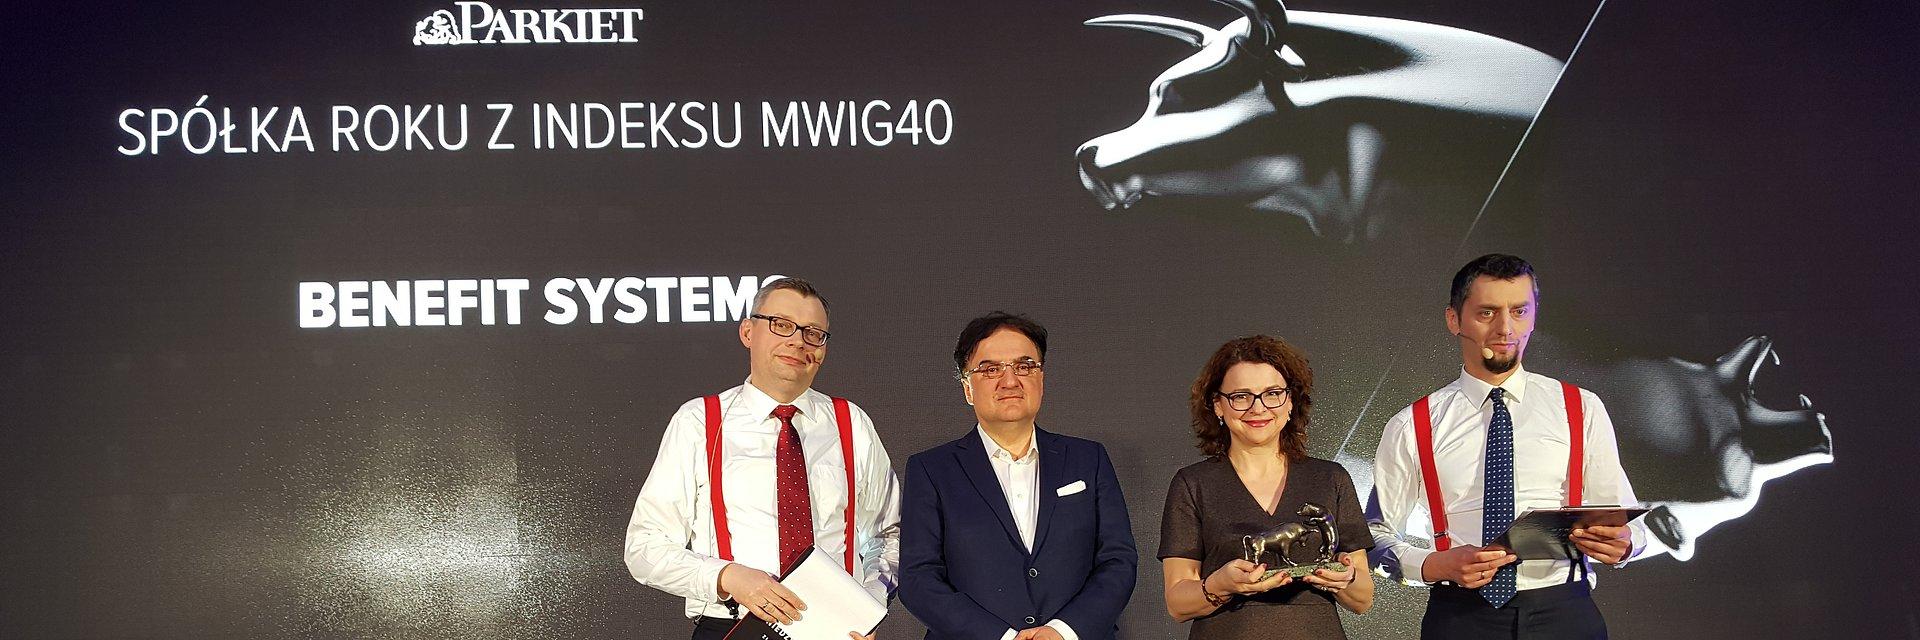 Benefit Systems najlepszą firmą z mWIG40